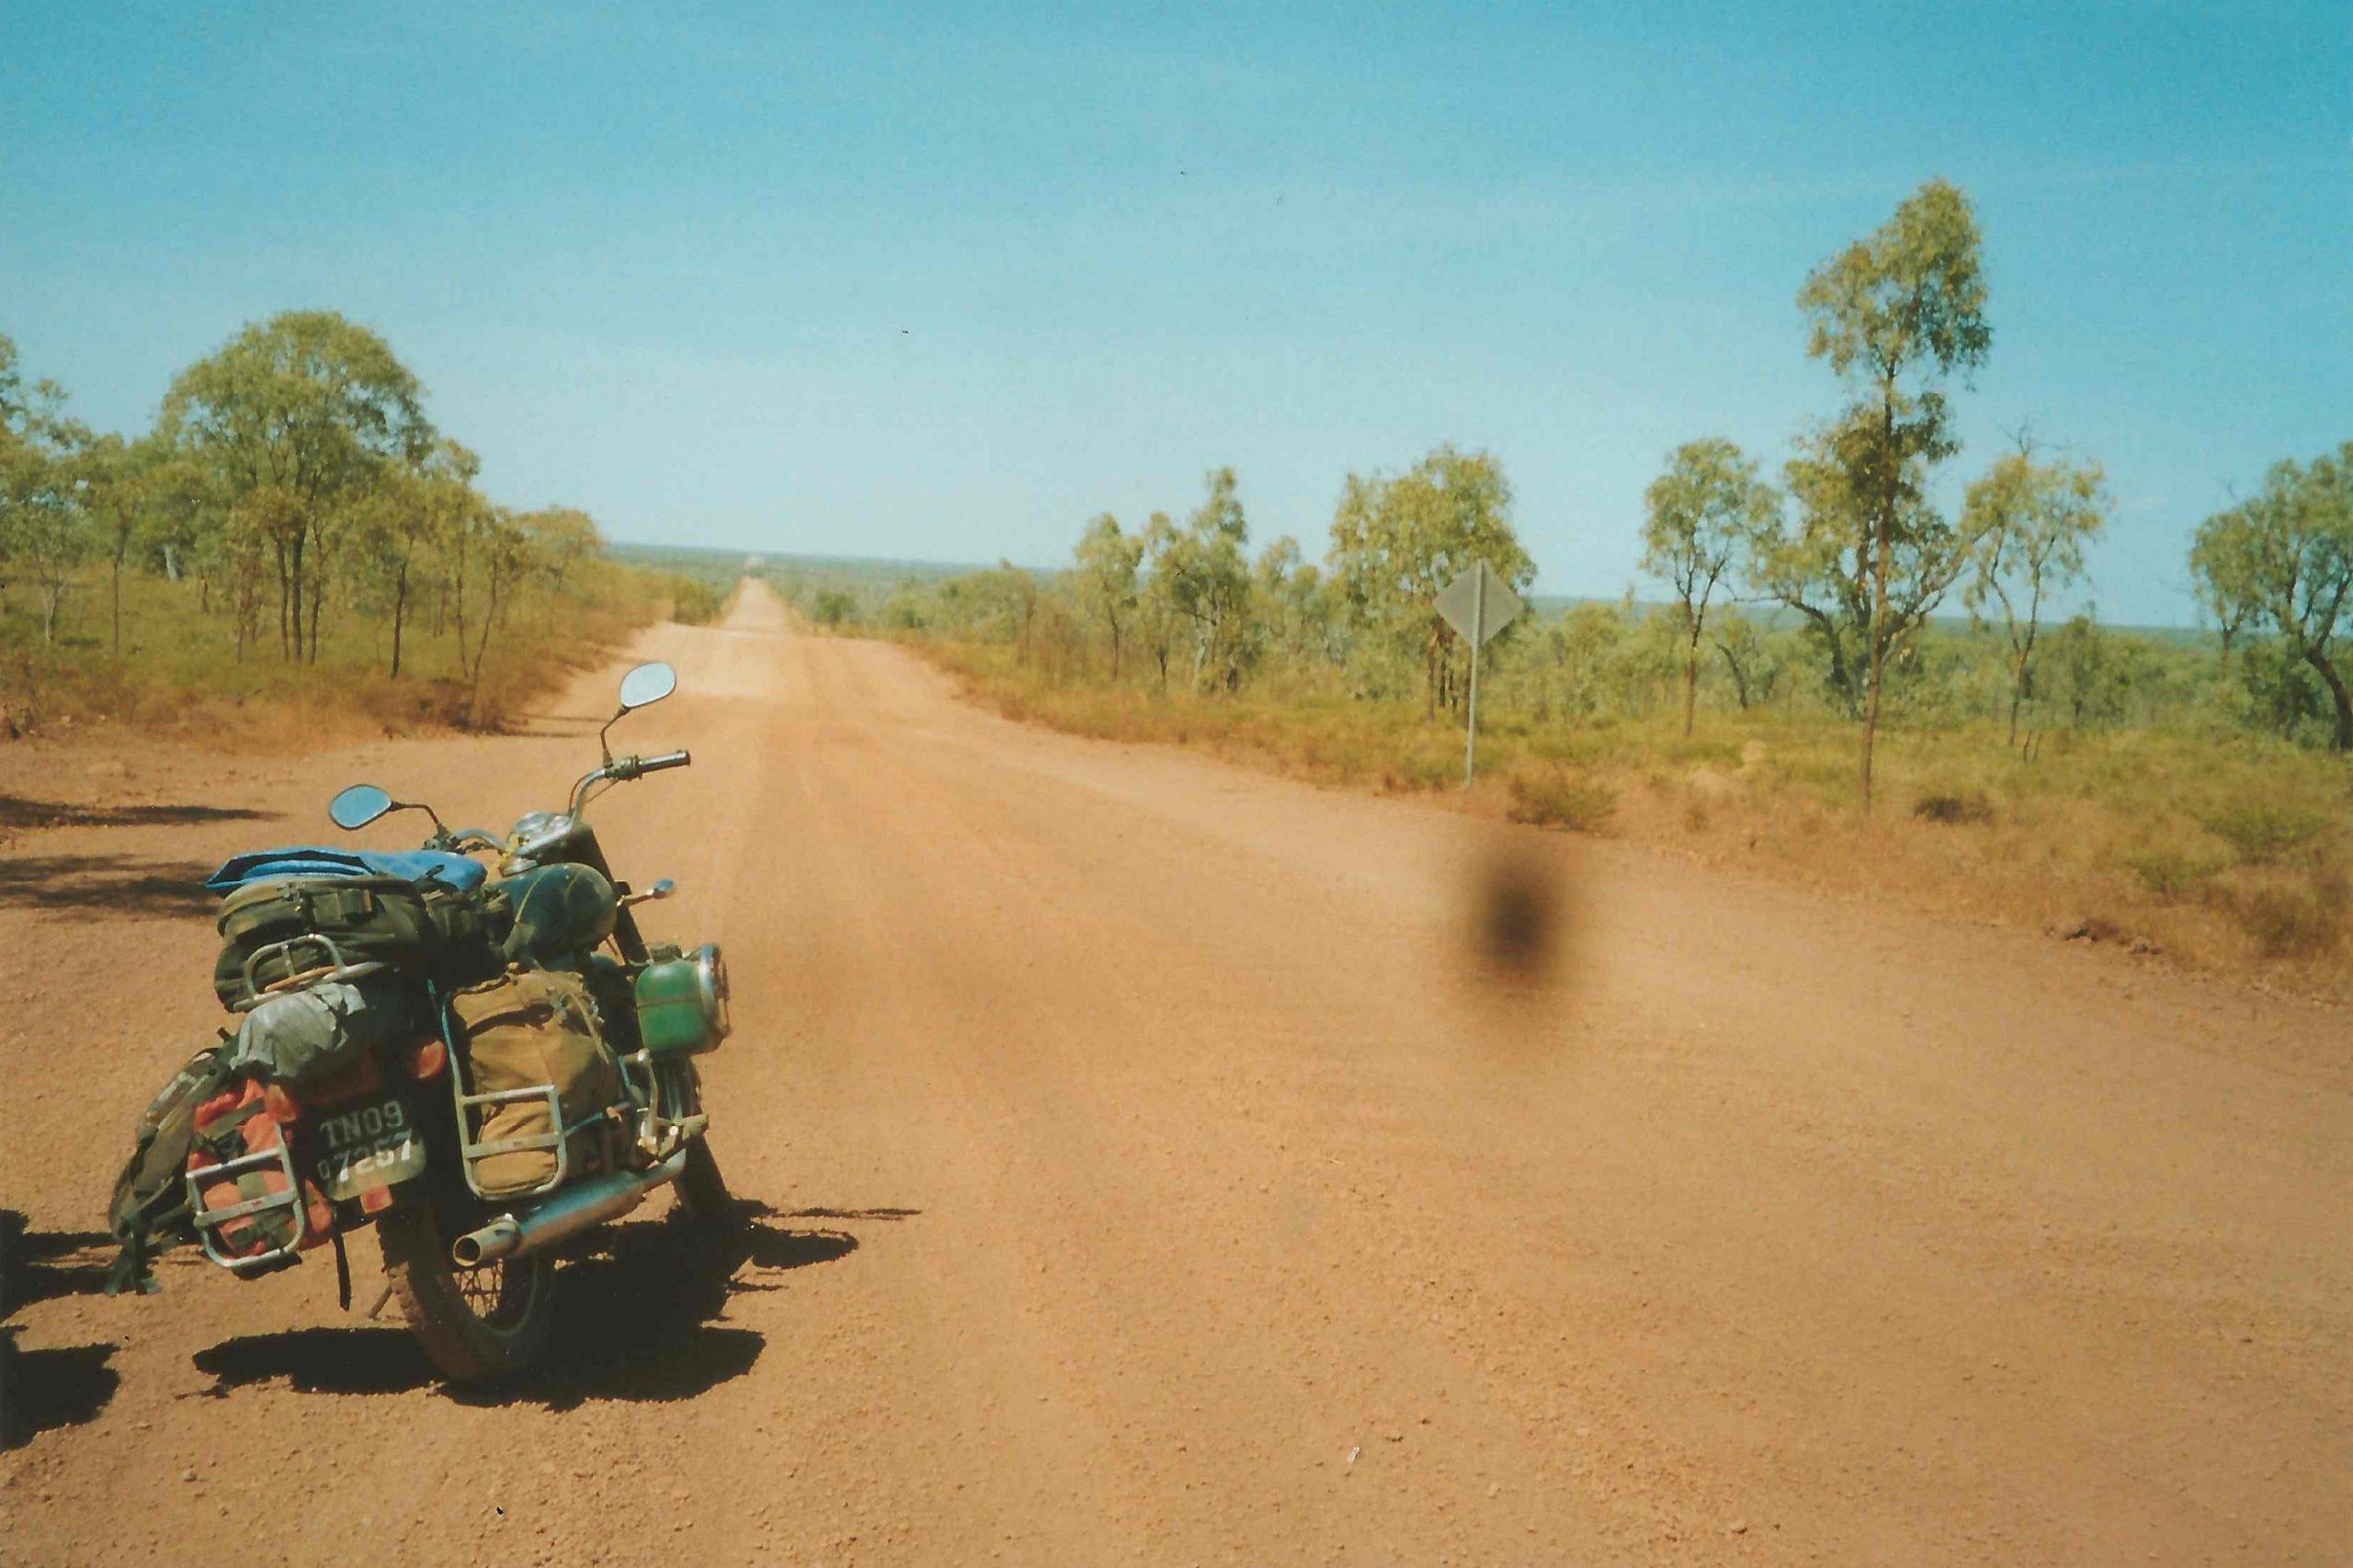 le road trip de Jacqui Furneaux